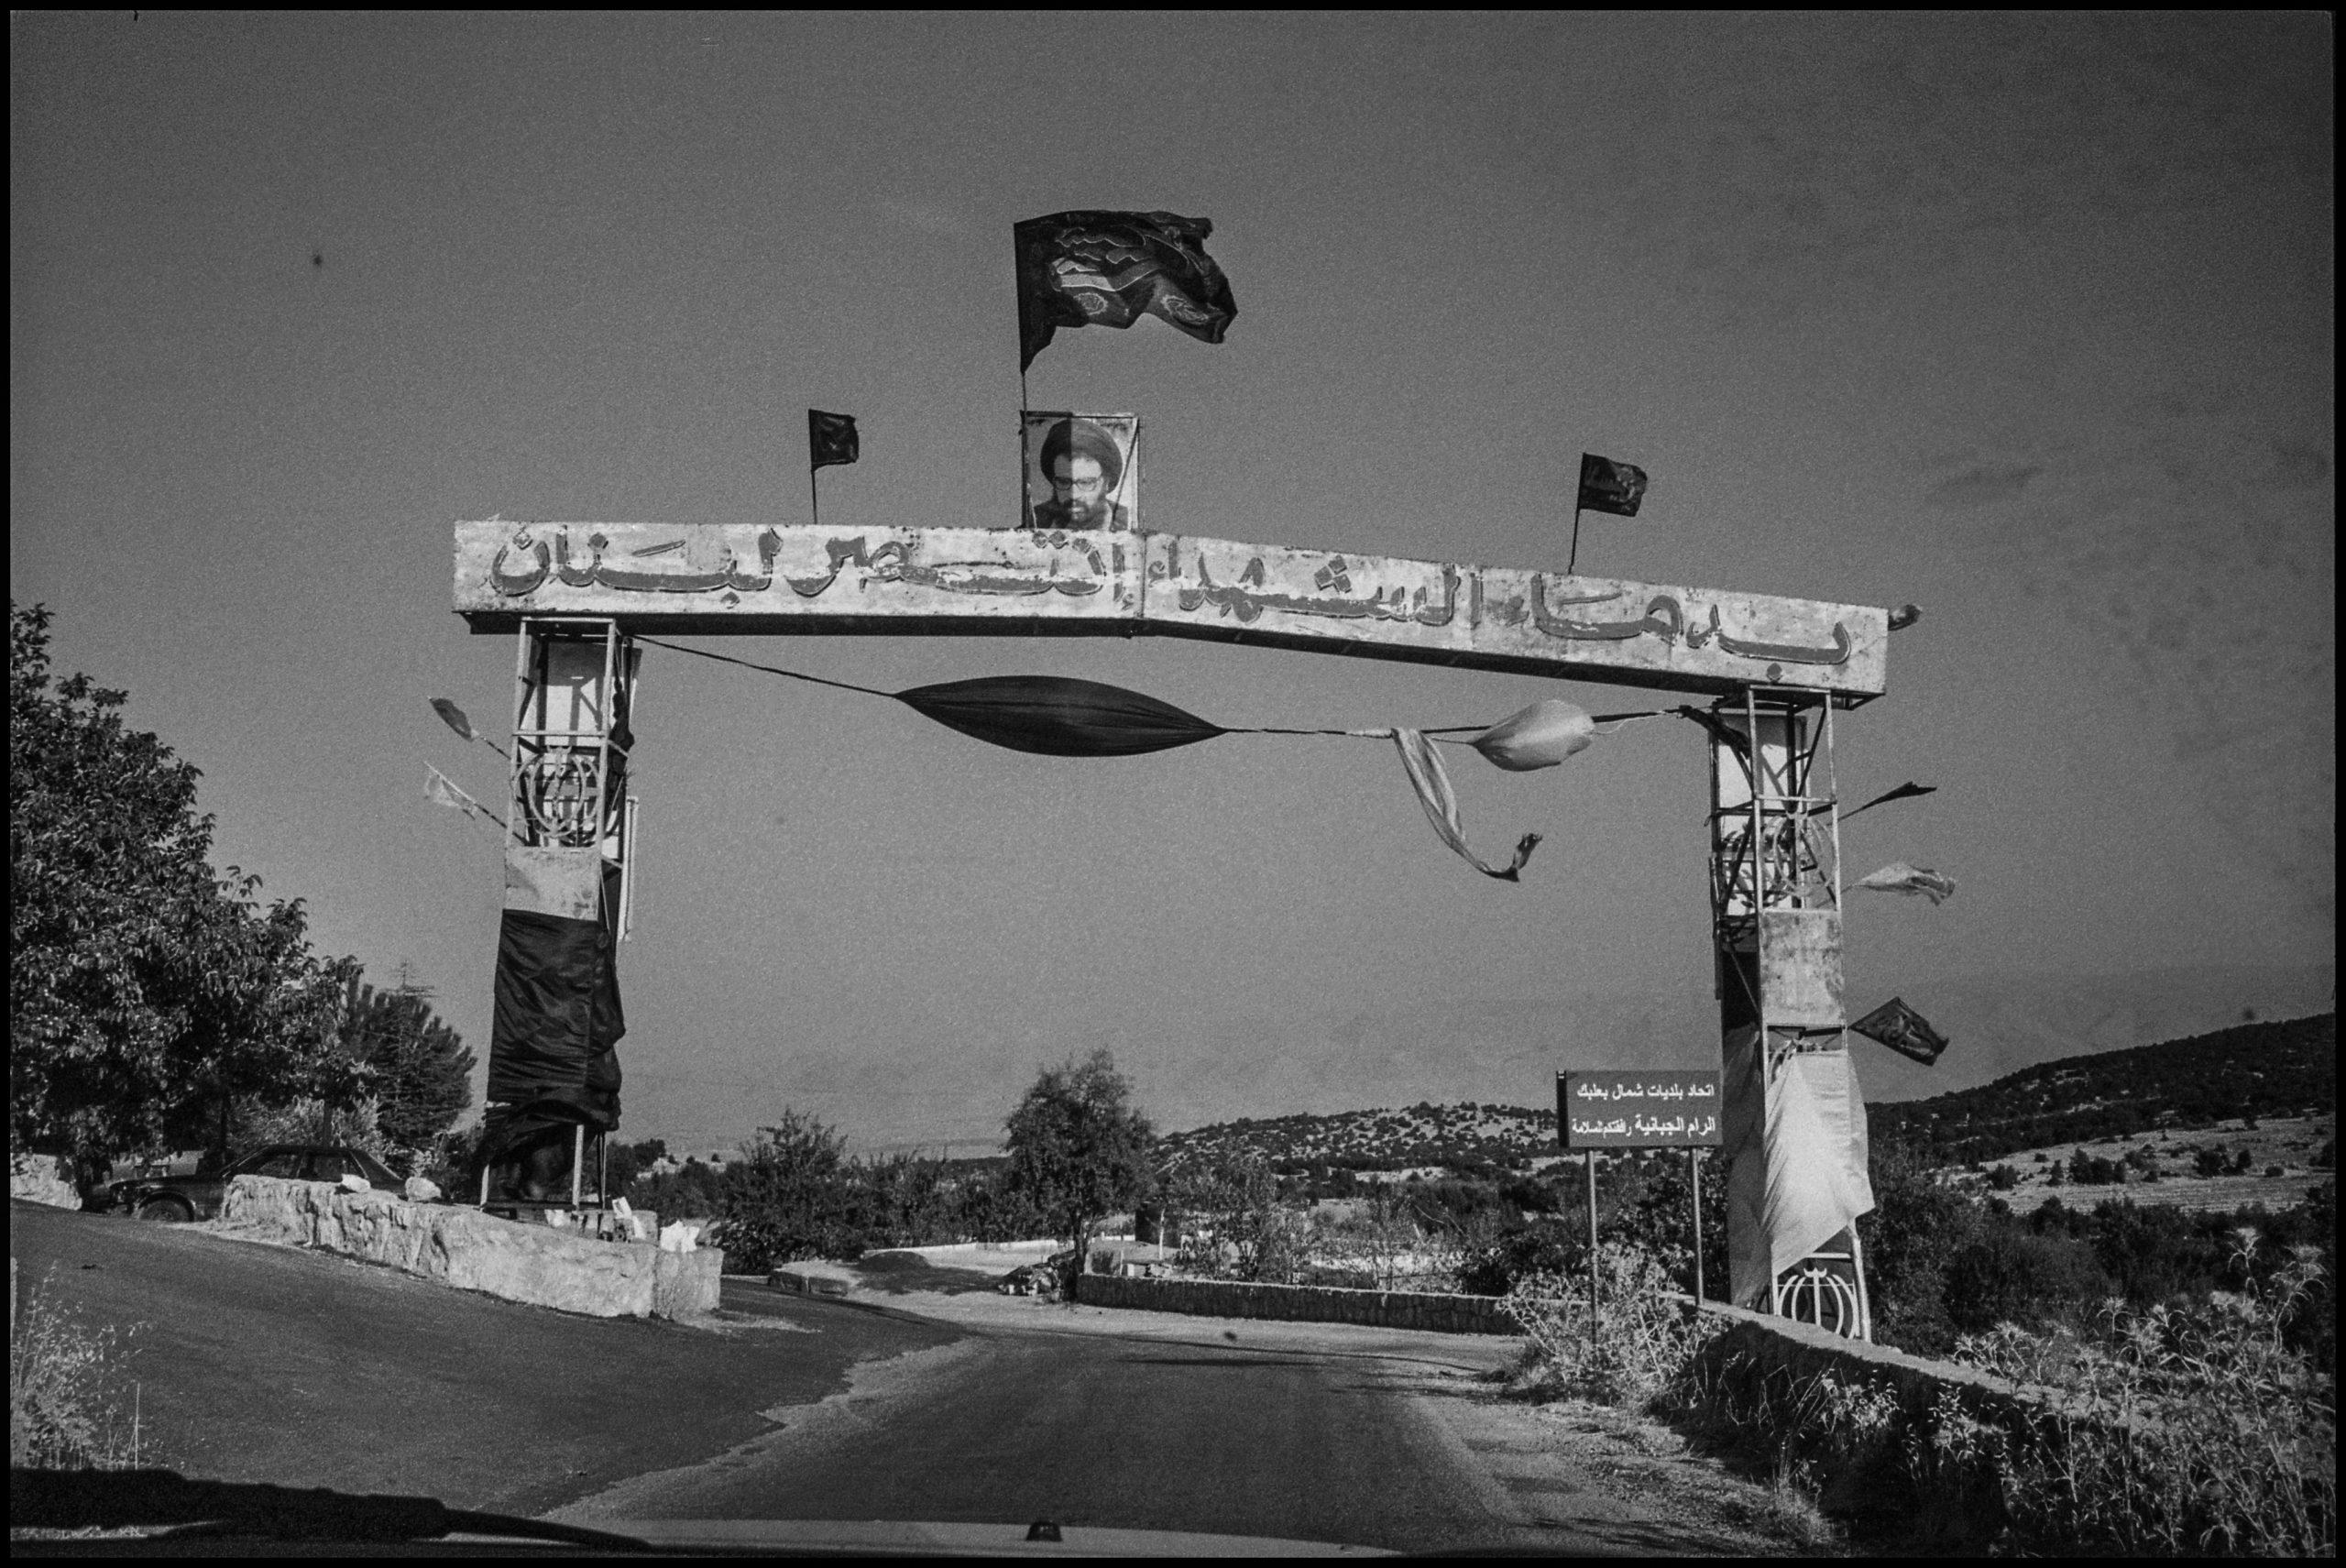 Una bandiera di Hezbollah, il Partito di Dio nella Valle della Bekaa (Ivo Saglietti)